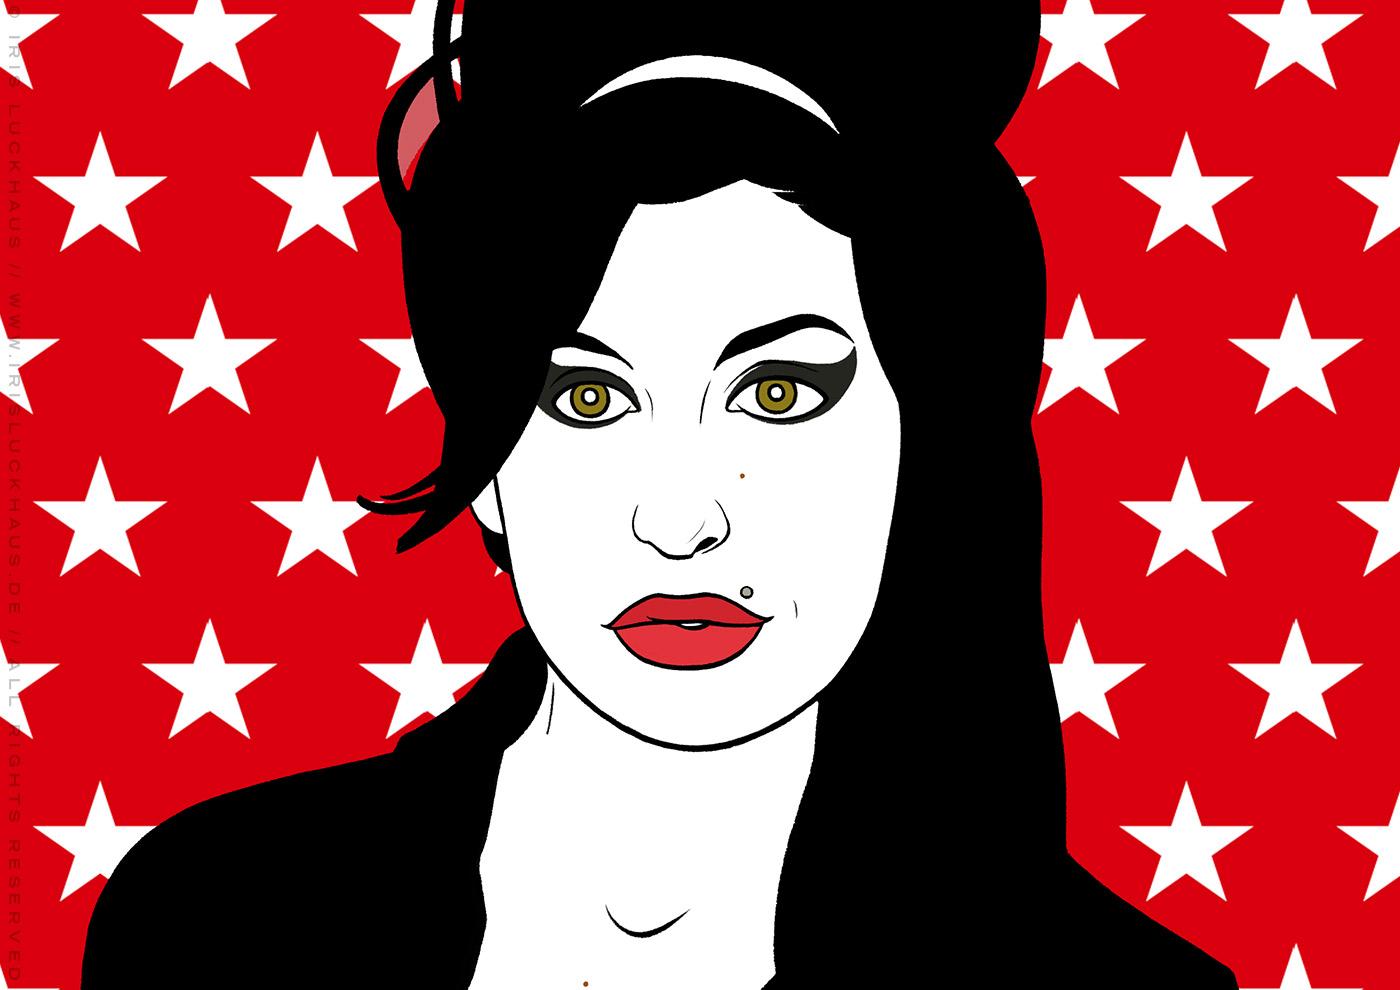 Comic Popart Retro Tusche Zeichnung mit Portraits von Heldinnen der Sixties wie Amy Winehouse